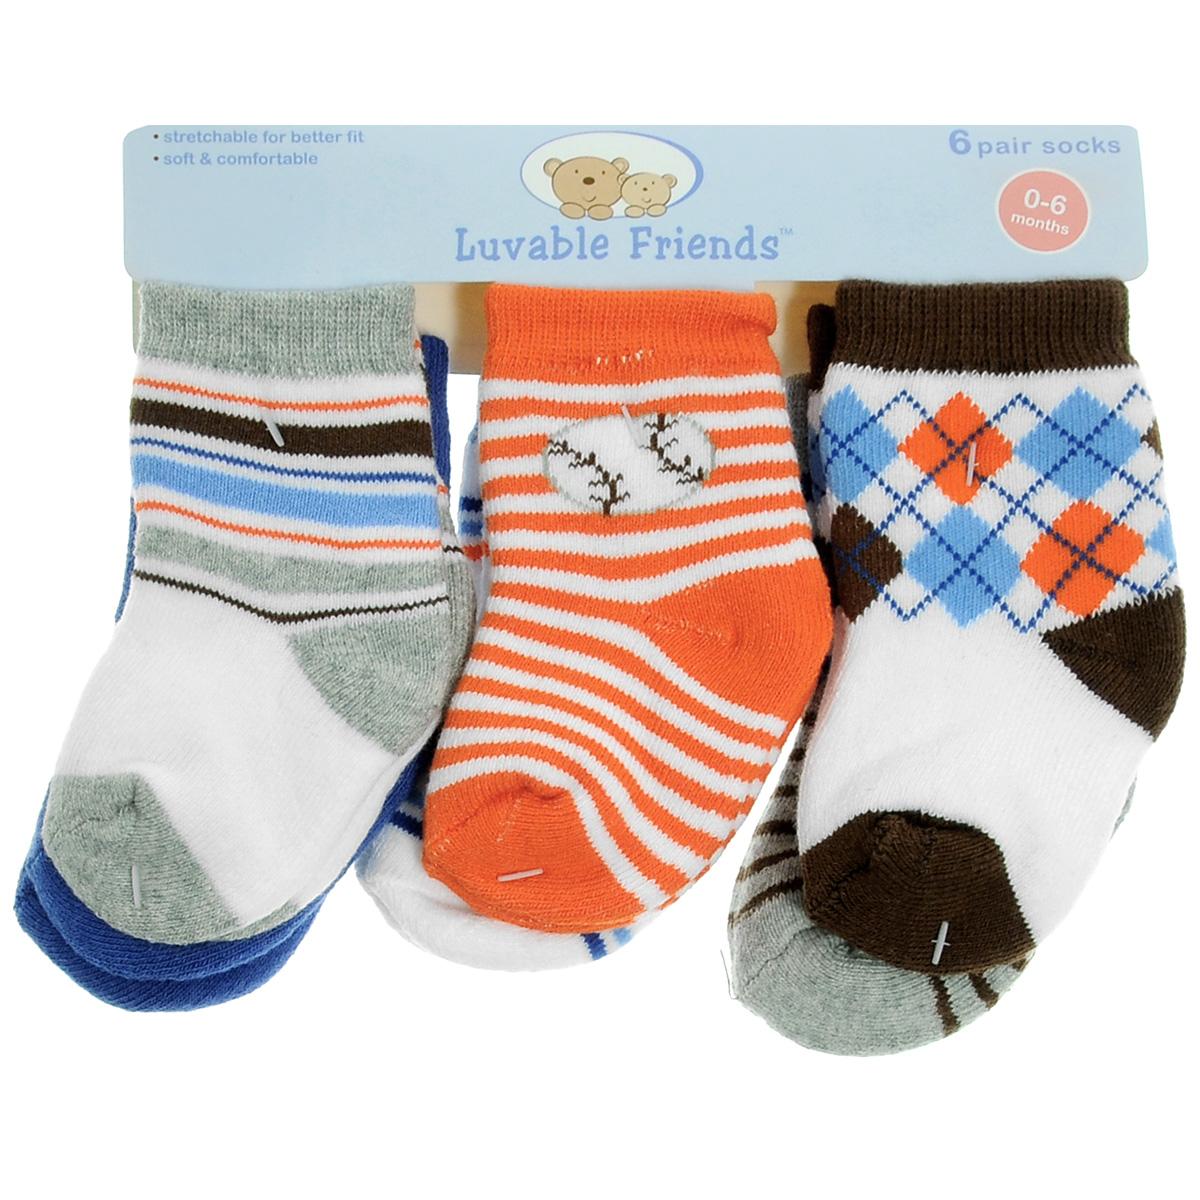 Носки26110Комфортные и прочные детские носки Luvable Friends Яркий принт, махровые внутри, очень мягкие на ощупь. Эластичная резинка плотно облегает ножку ребенка, не сдавливая ее, благодаря чему малышу будет комфортно и удобно. Комплект состоит из шести пар носочков с различной цветовой гаммой и притом.